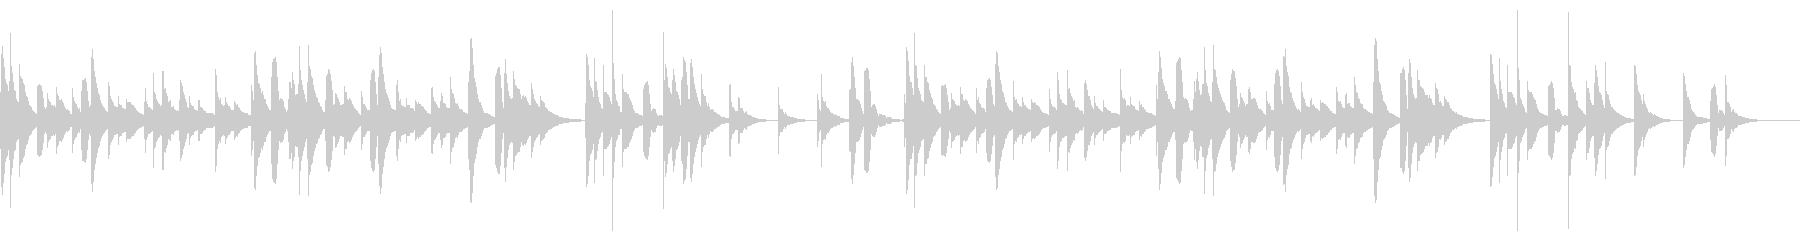 ちょっぴり切なく癒されるオルゴールBGMの未再生の波形